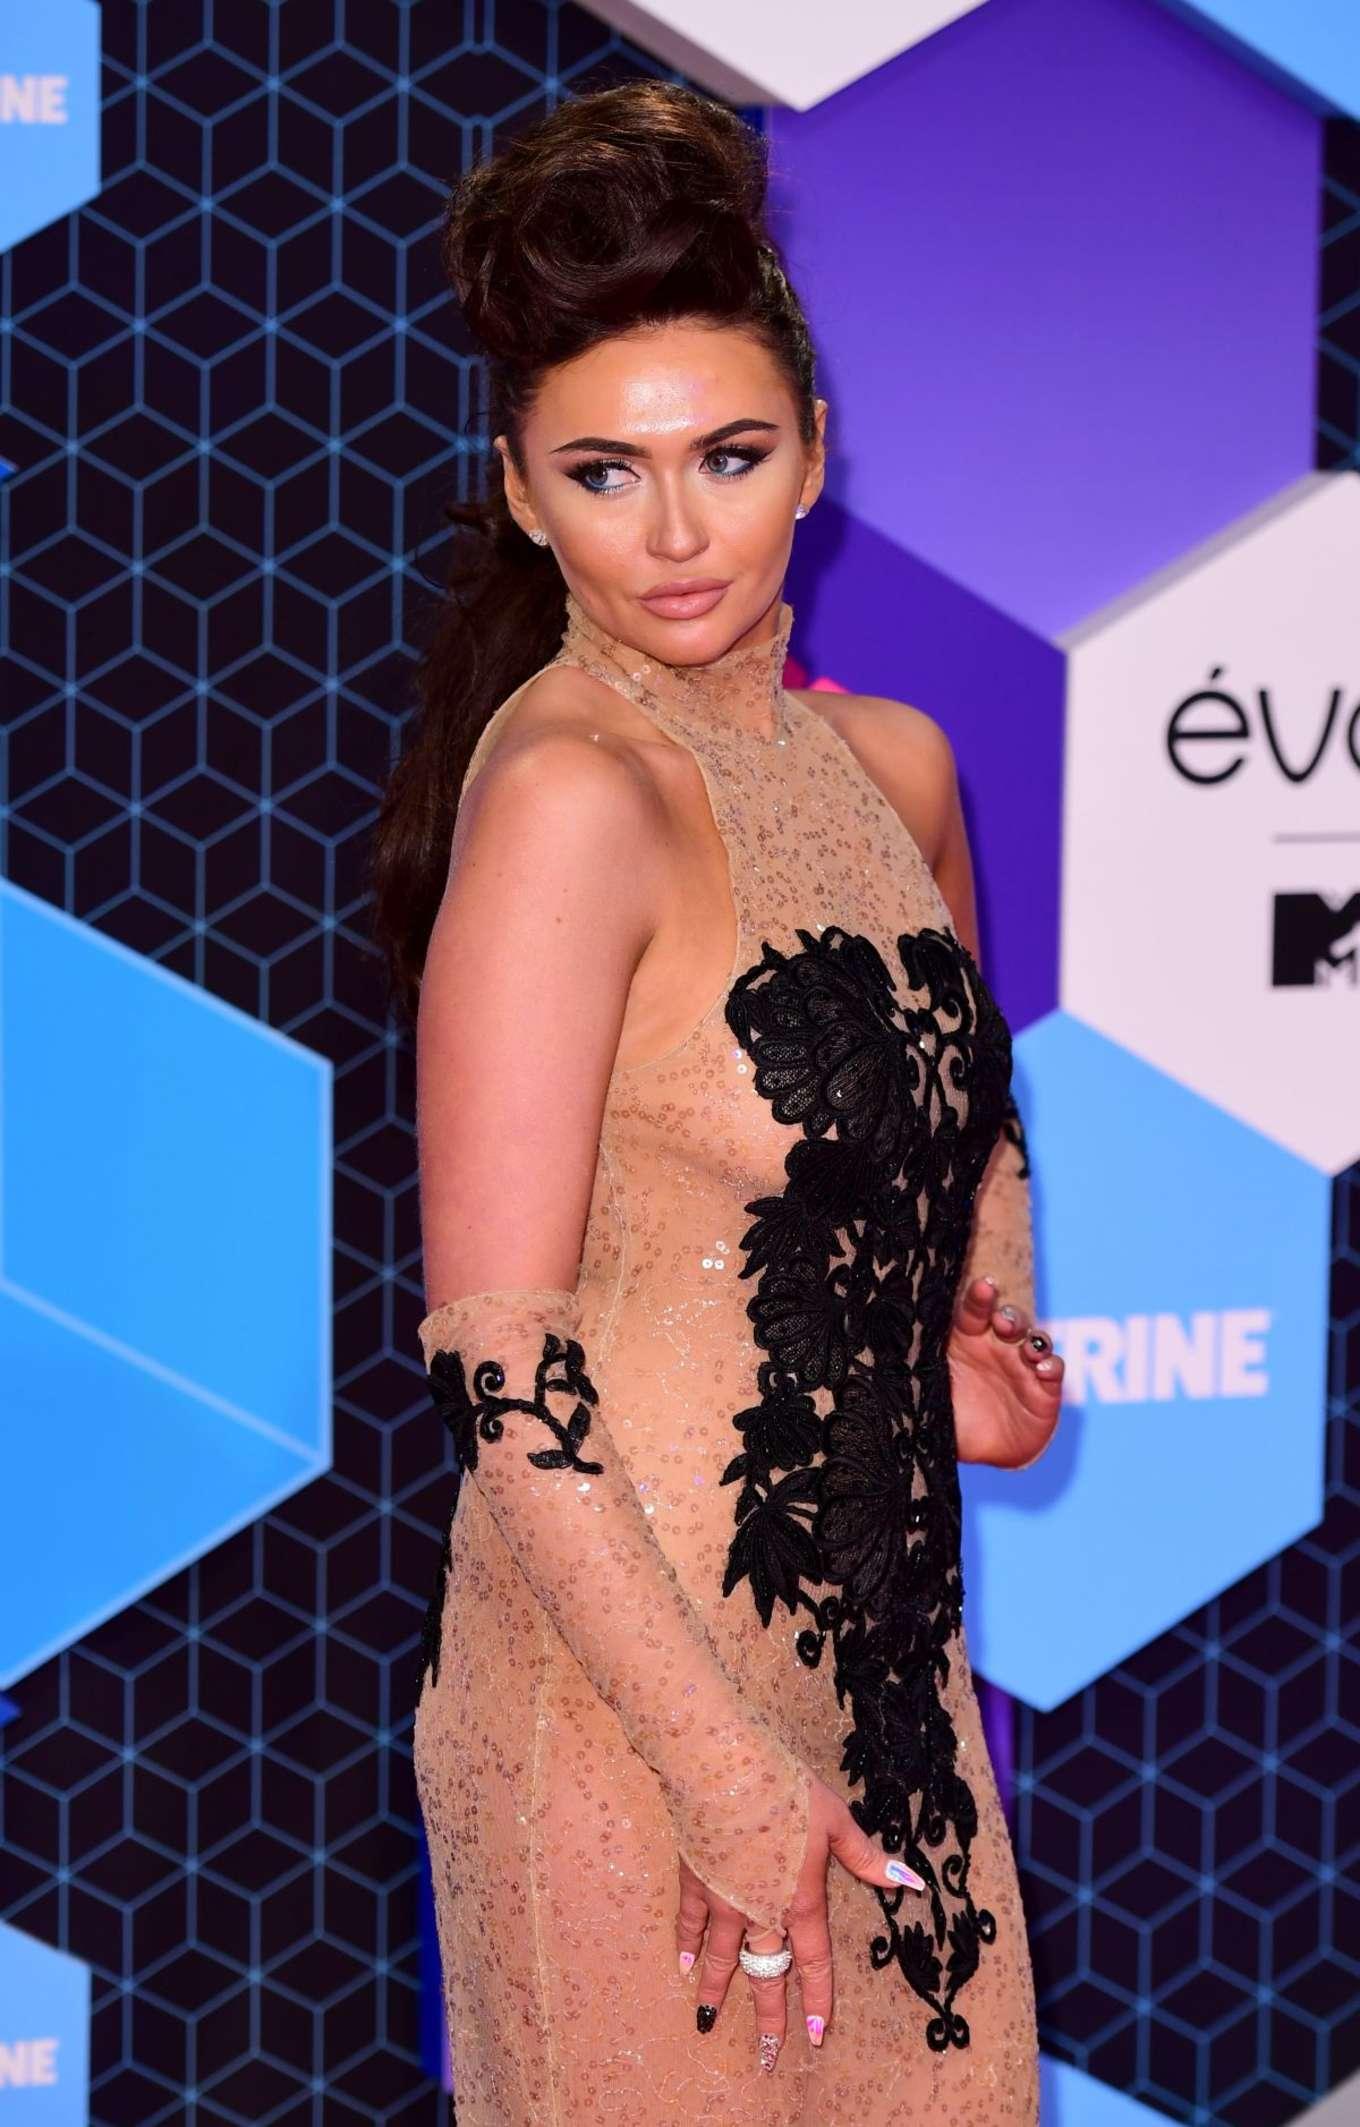 Charlotte Dawson - 2016 MTV Europe Music Awards in Rotterdam